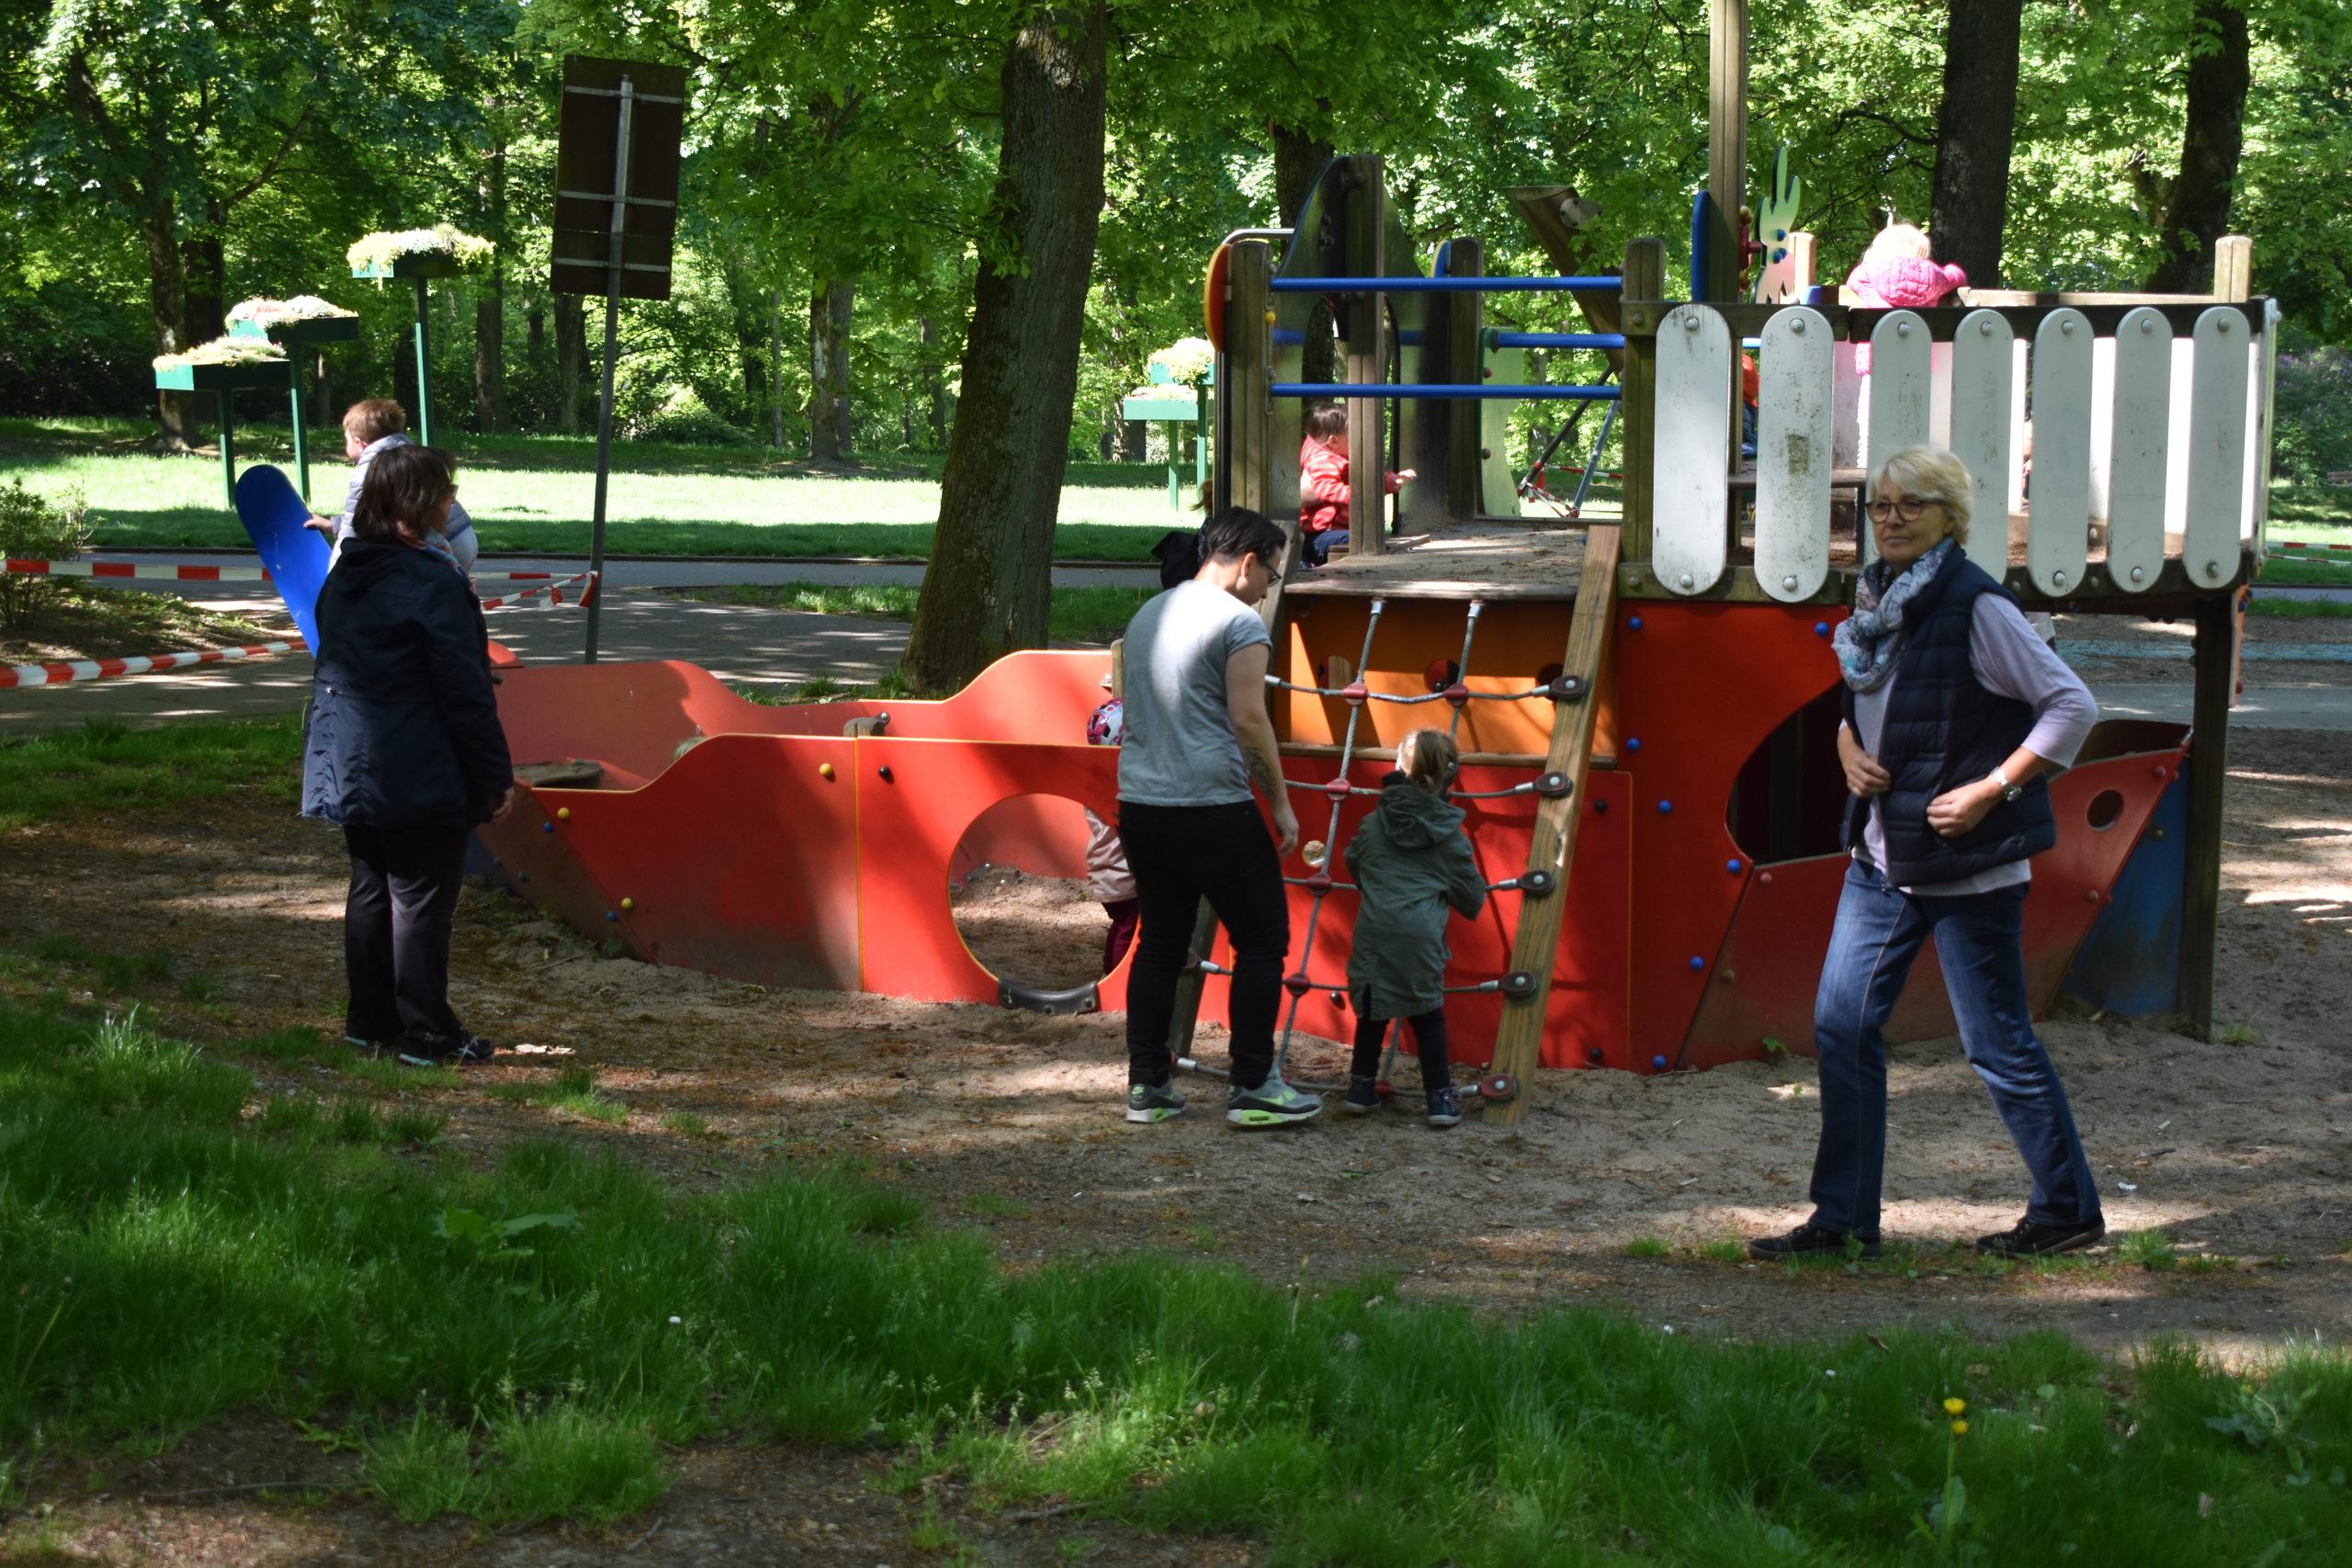 Kurz vor 10 Uhr: Der Spielplatz am Schmittenbusch in Lüttringhausen hinkt noch hinterher. Foto: Peter Klohs